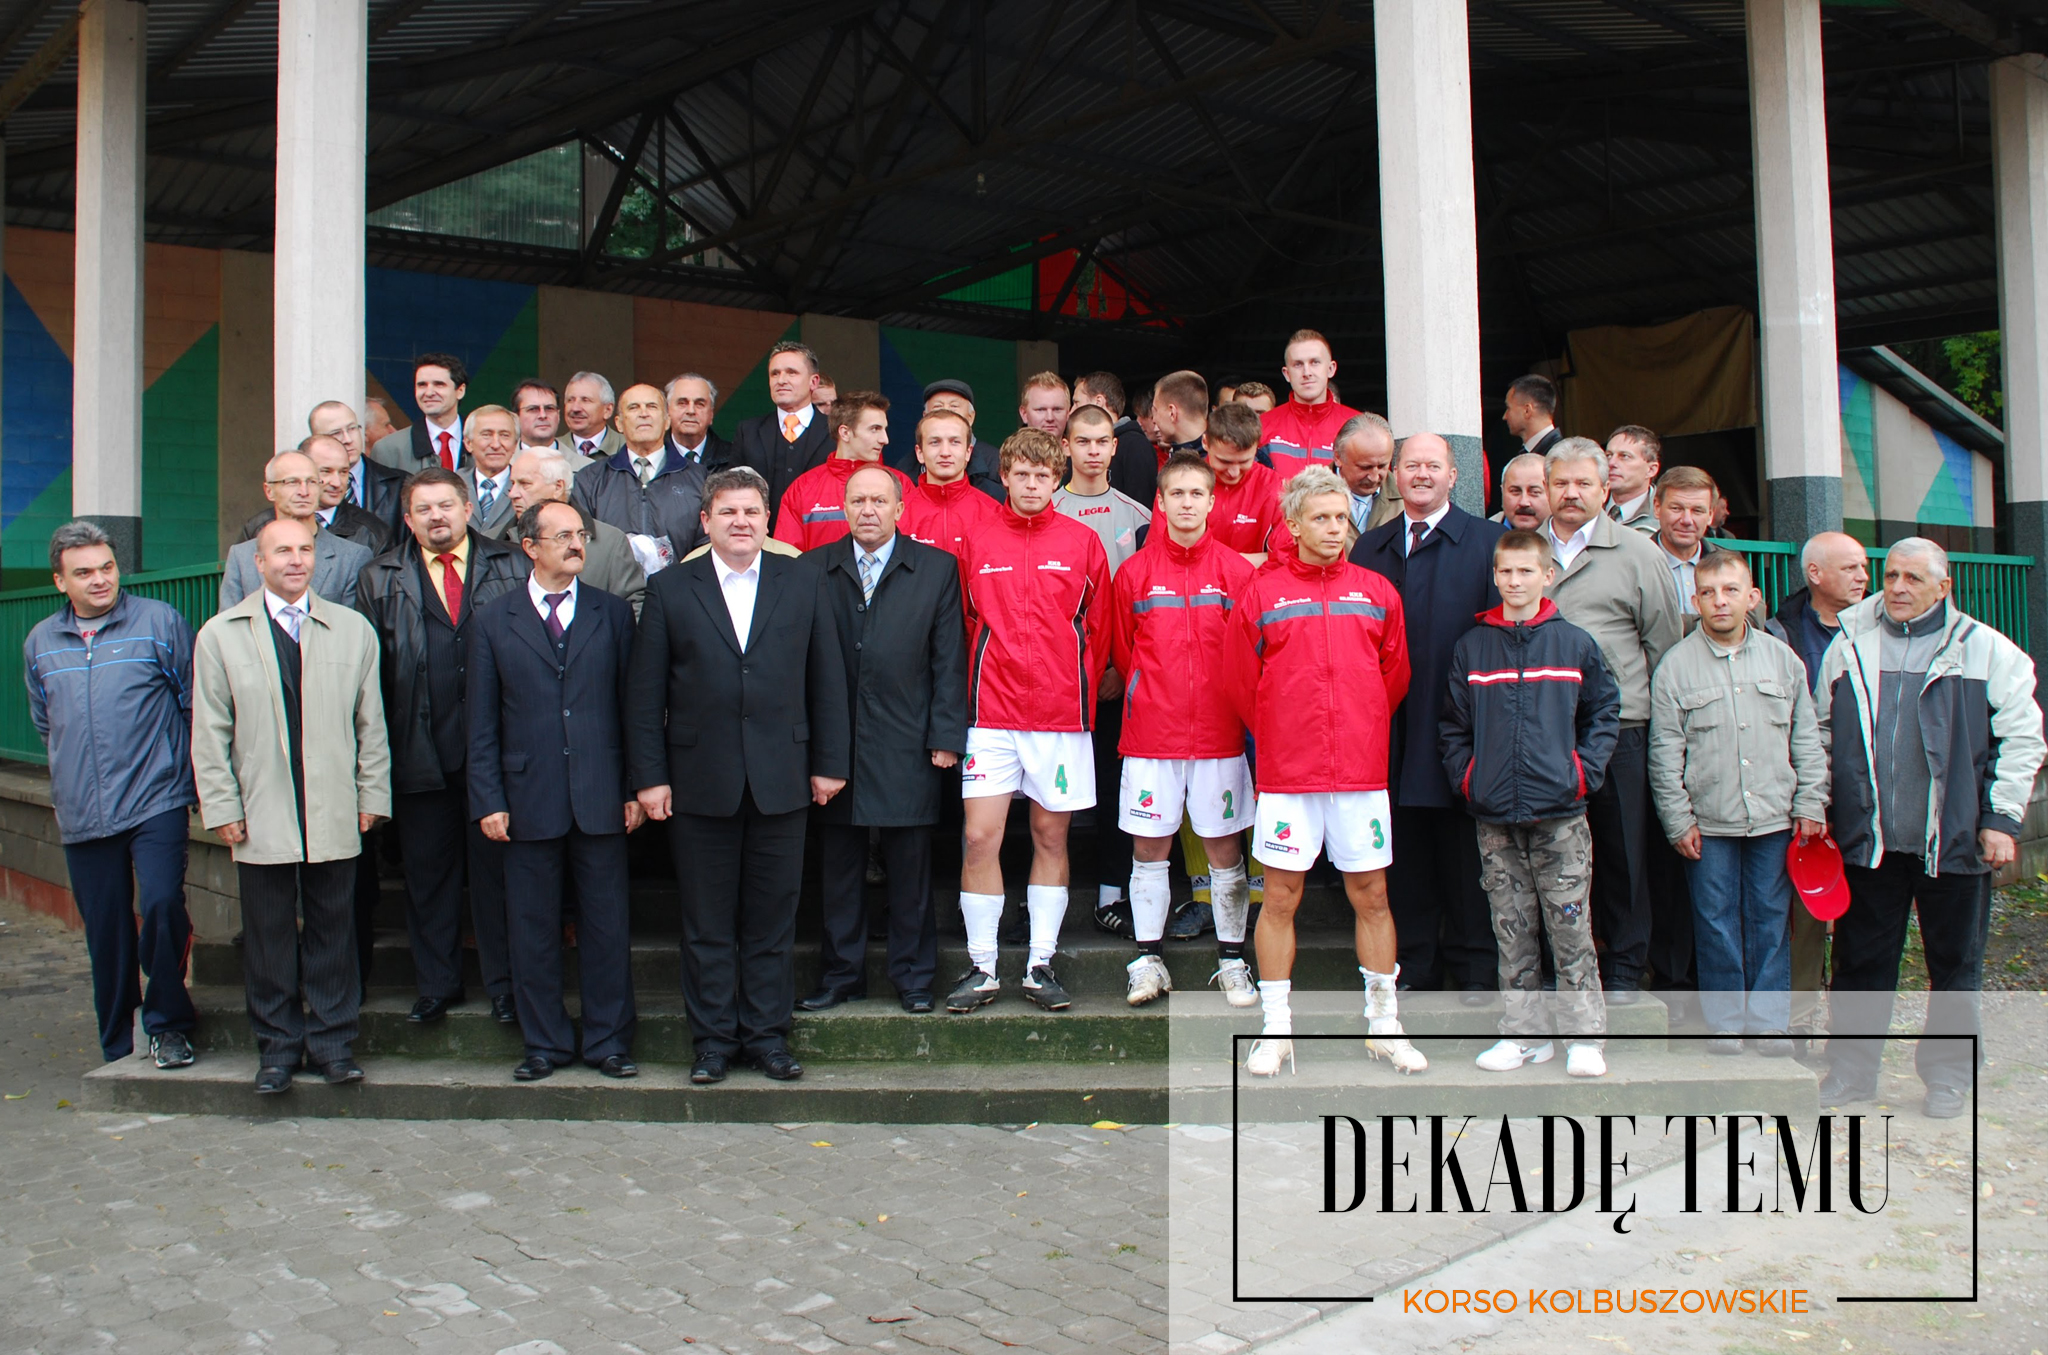 DEKADĘ TEMU. 60 lat KKS Kolbuszowianka [FOTO] - Zdjęcie główne